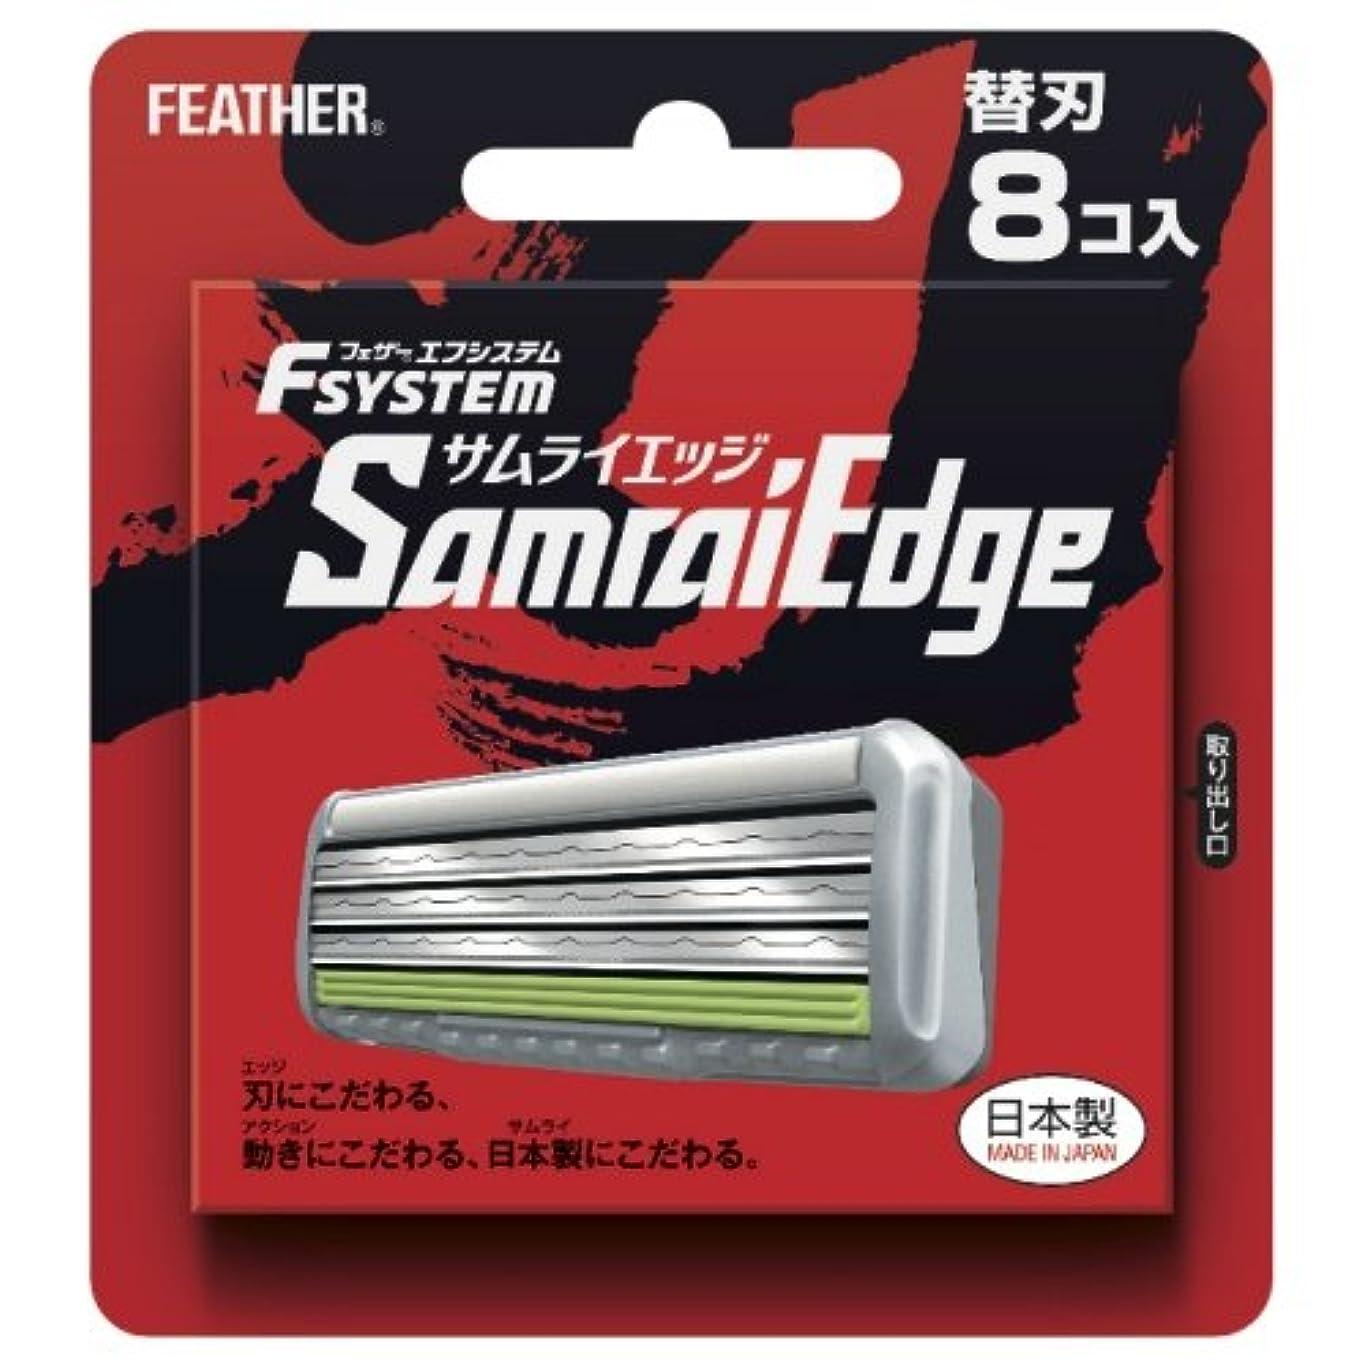 ボーナス定規木製フェザー エフシステム 替刃 サムライエッジ 8コ入 (日本製)